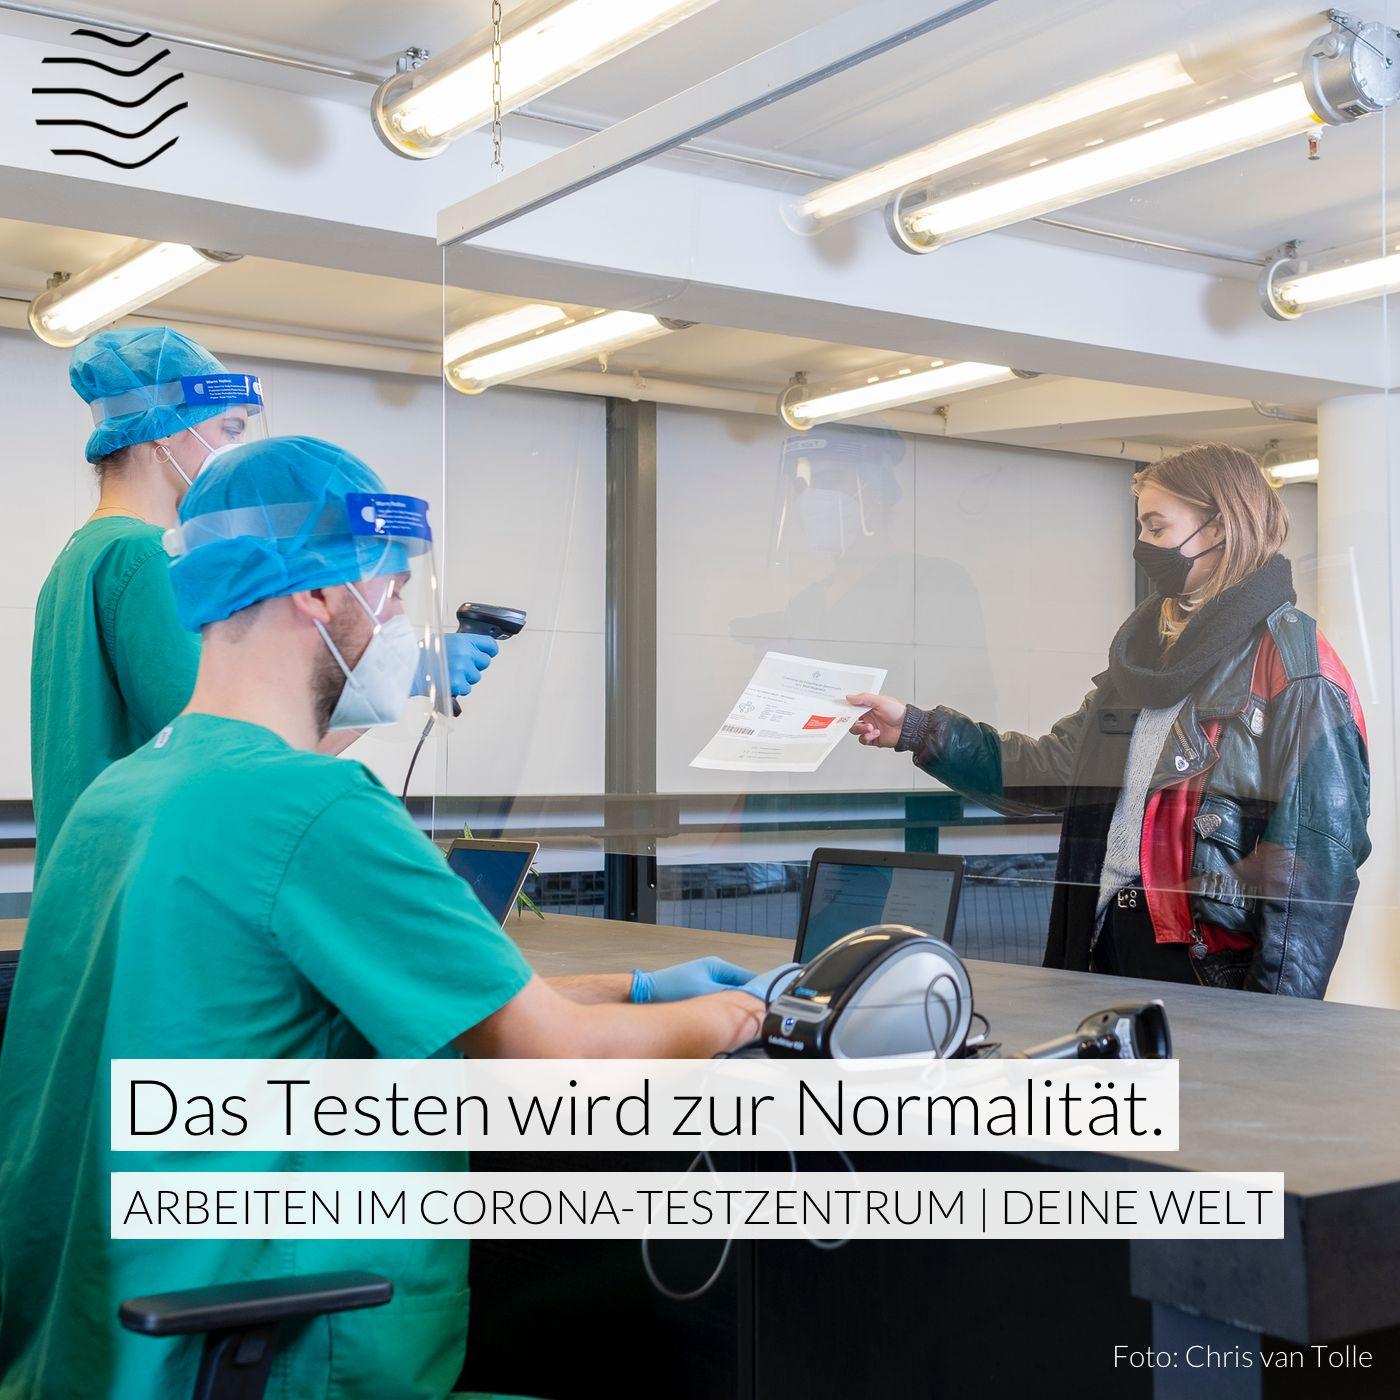 Alex & Thulie testen – Arbeiten im Corona-Testzentrum